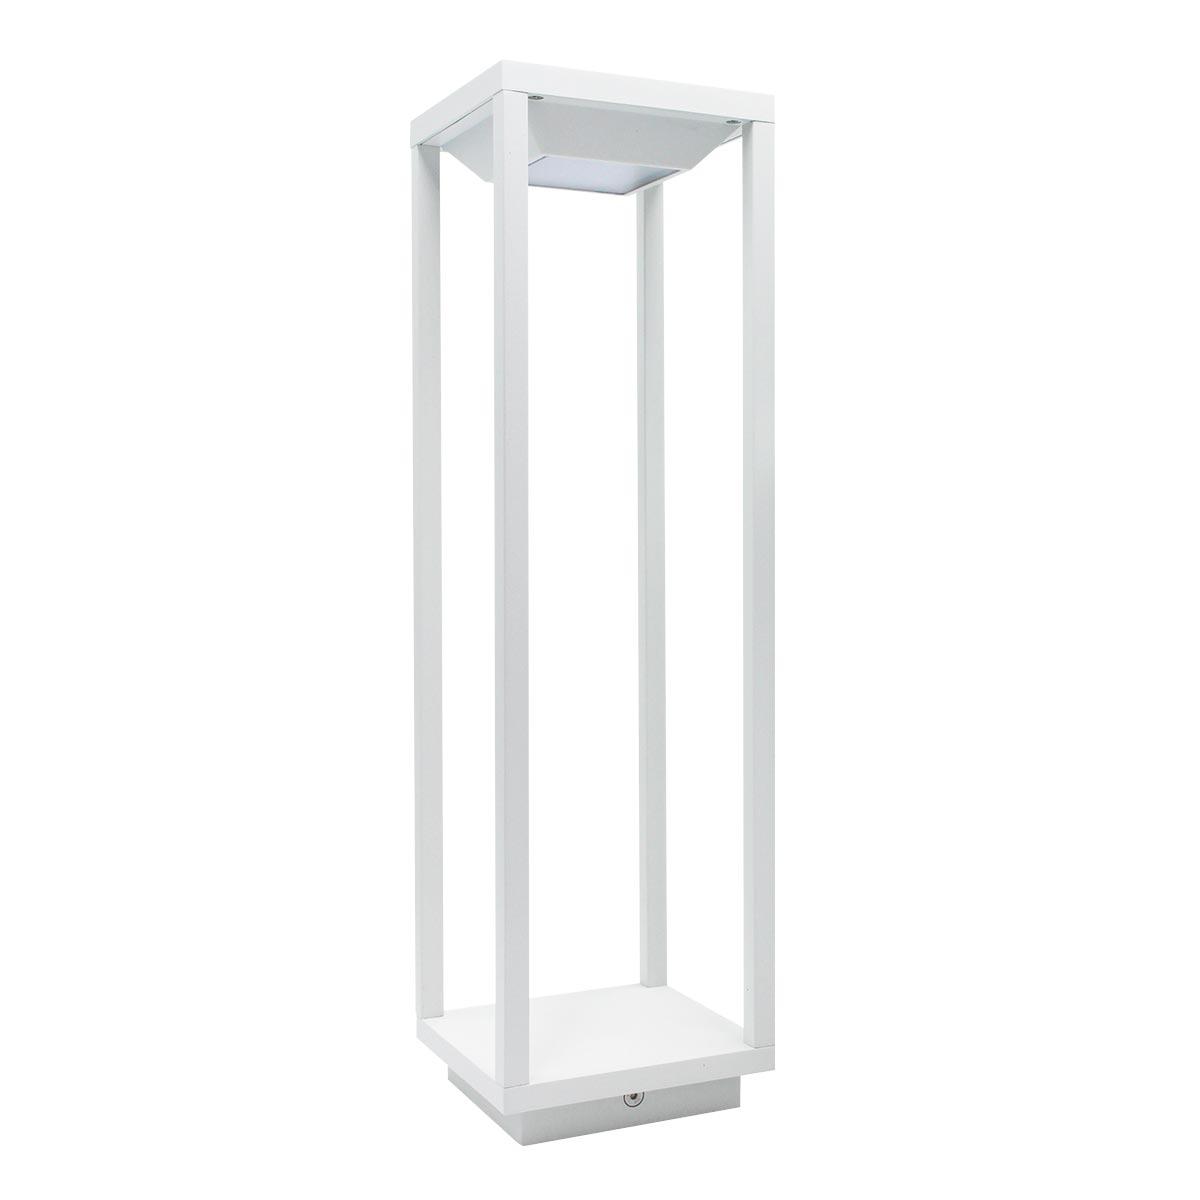 Lanterne solaire en aluminium aluminium blanc H50cm